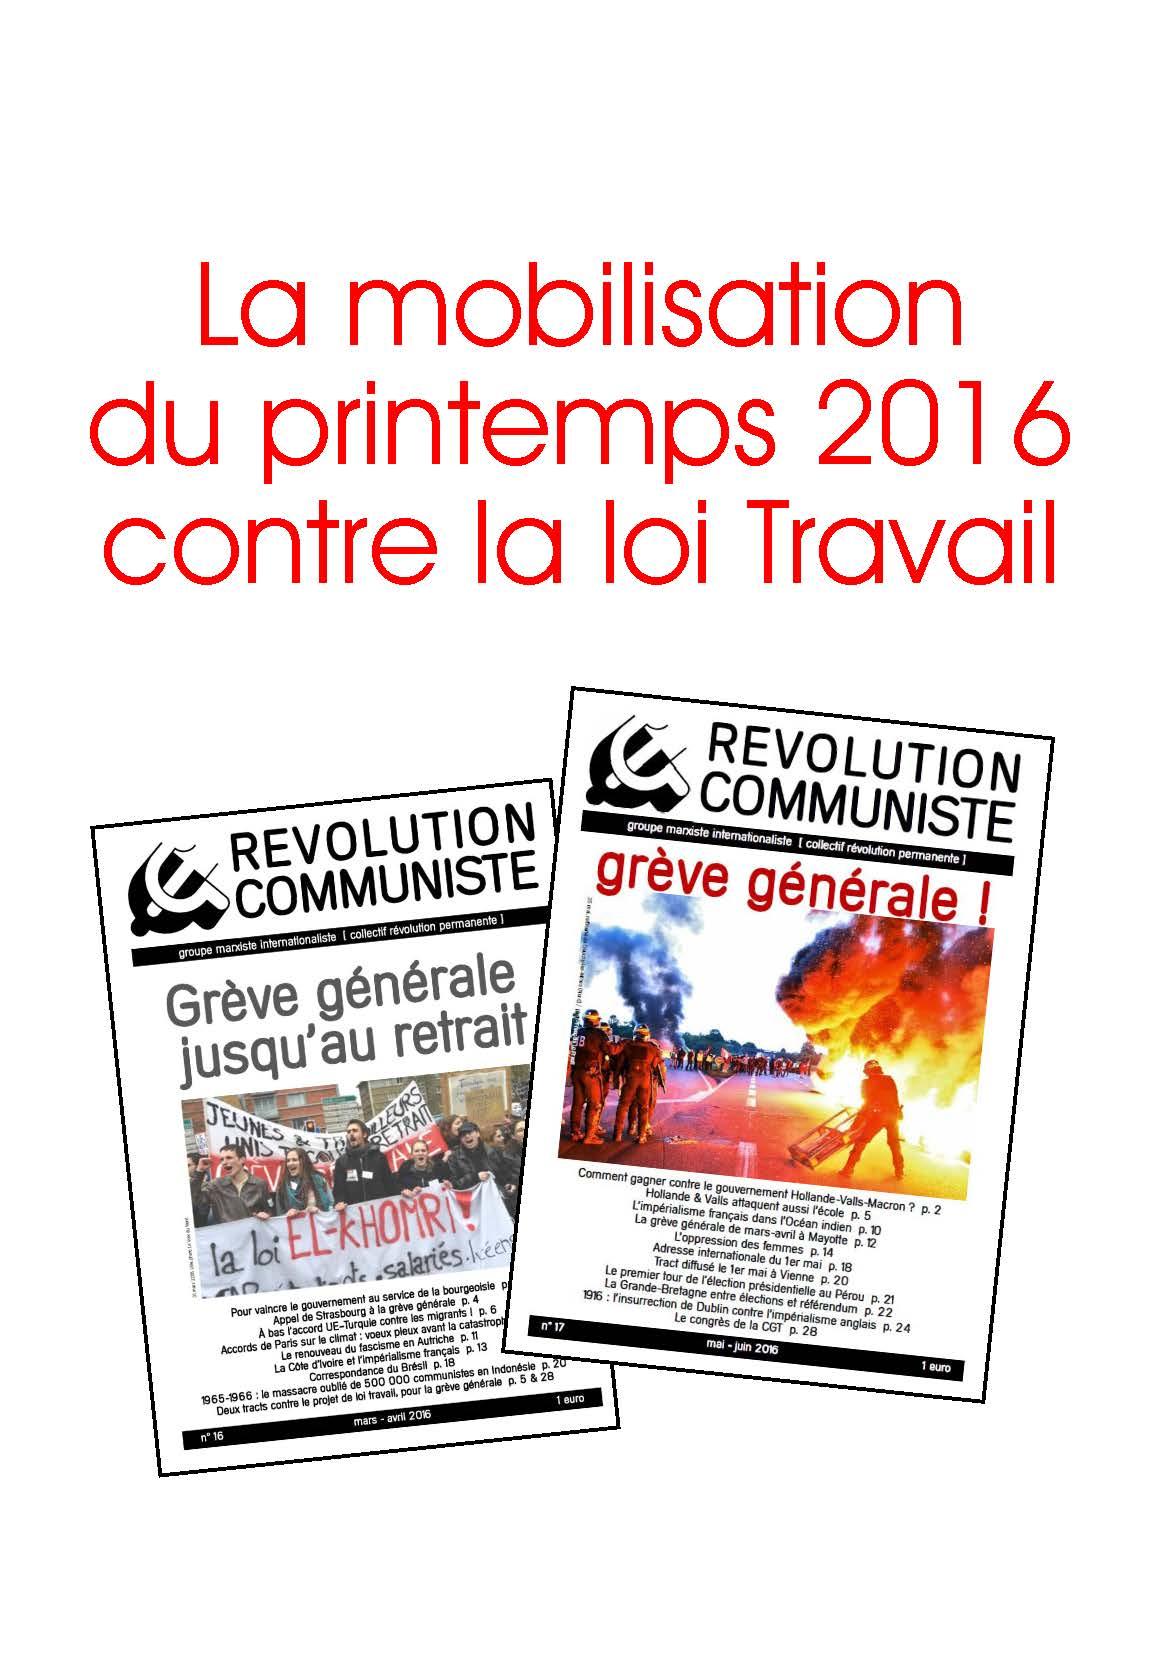 La mobilisation du printemps 2016 contre la loi Travail